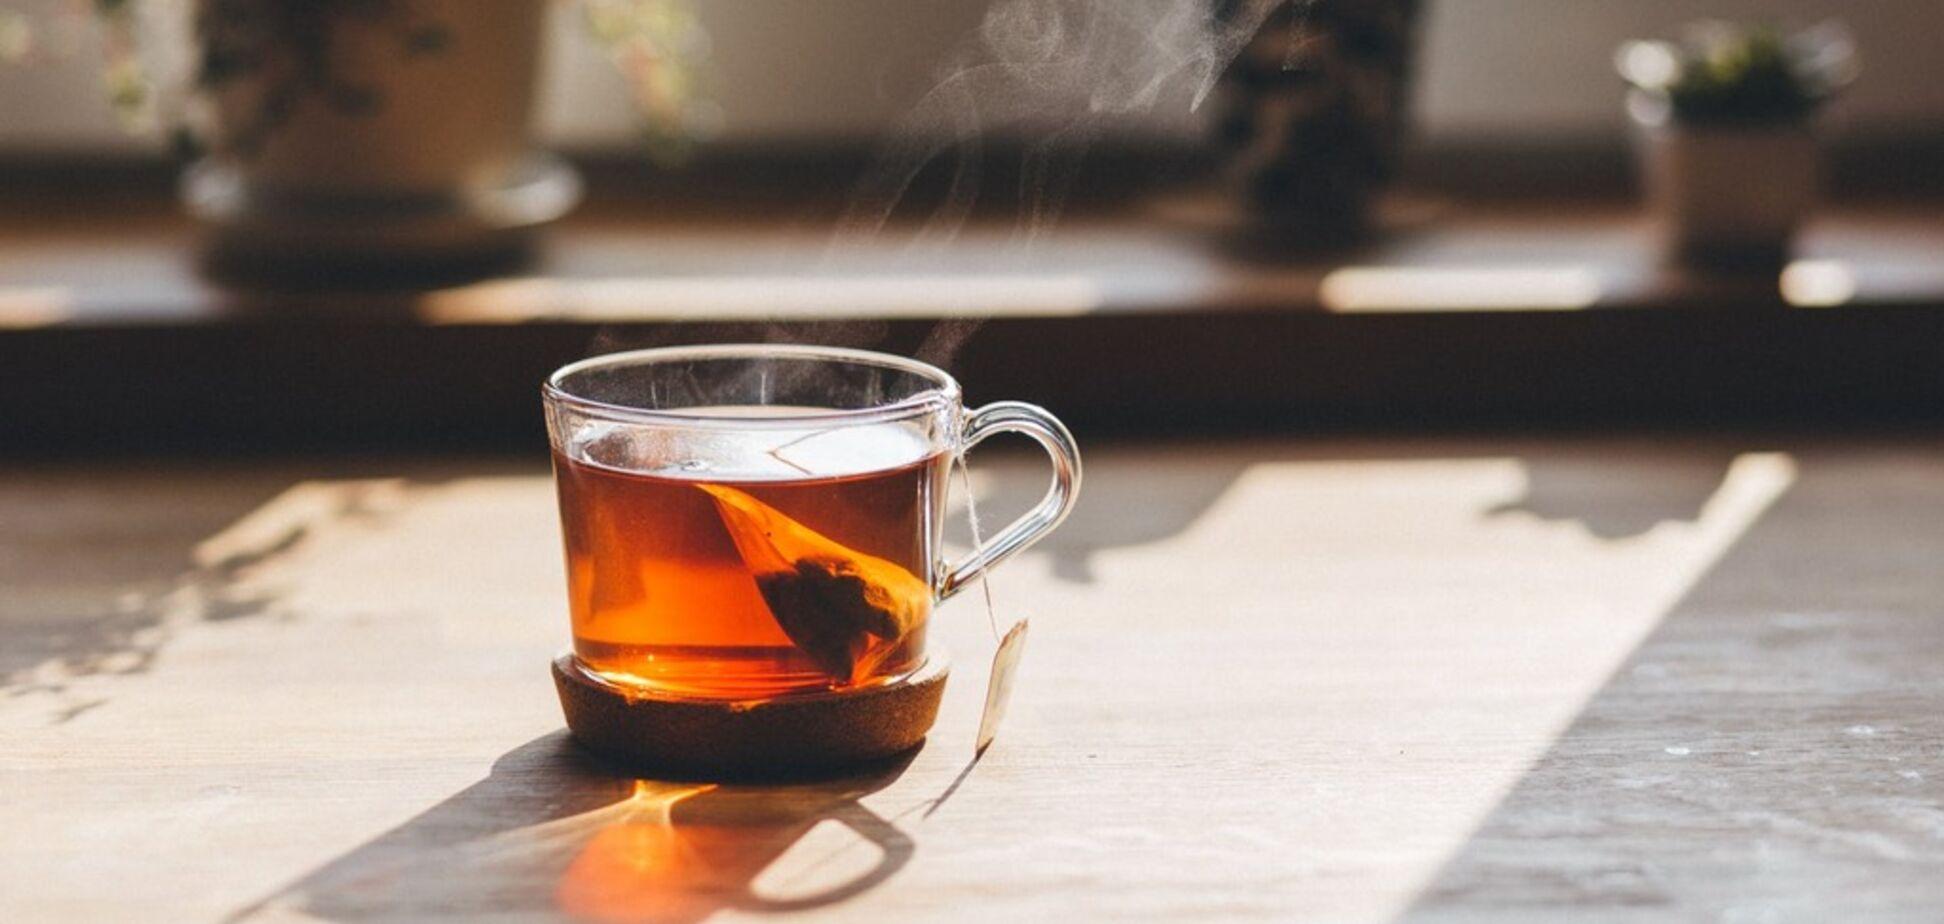 Ученые рассказали об опасности добавления молока в черный чай